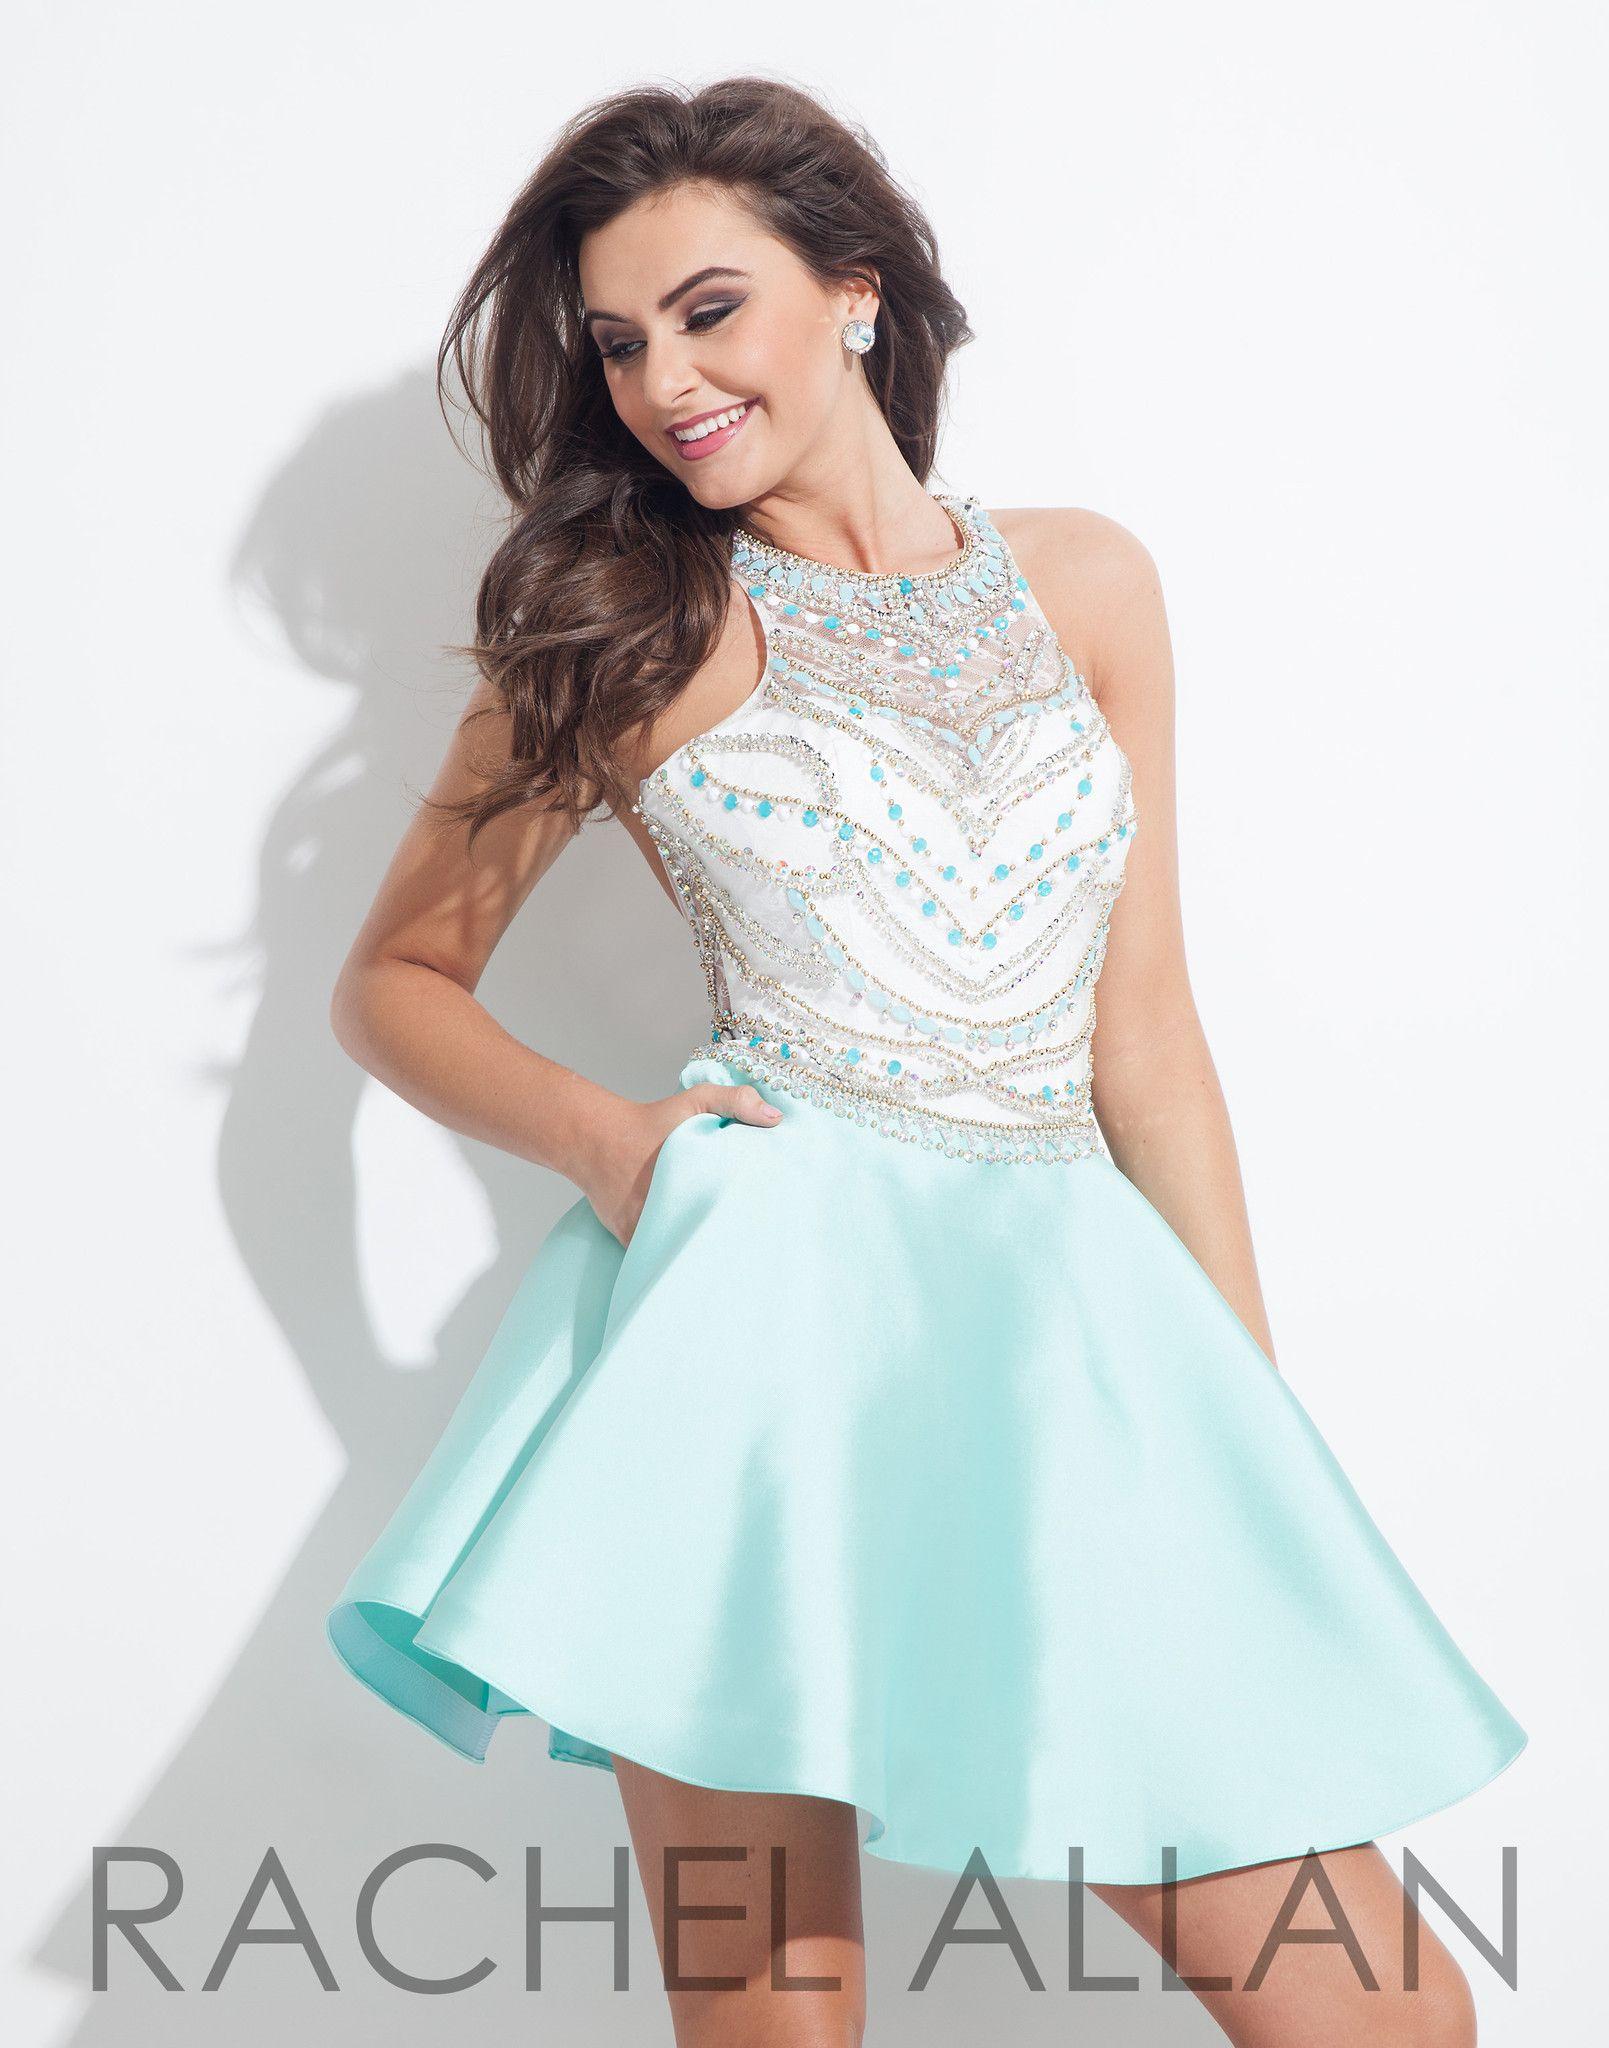 Rachel allan mint homecoming dress rachel allen pinterest